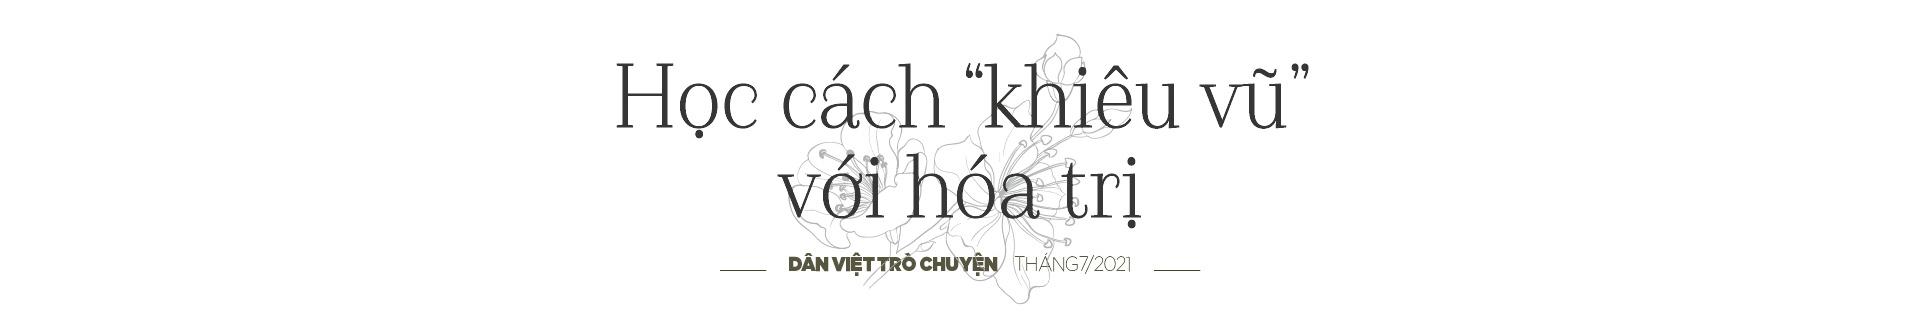 """Nguyễn Văn Phú – tác giả cuốn sách """"Bạn sinh ra để sống"""": """"Với tôi, ung thư là một món quà""""  - Ảnh 6."""